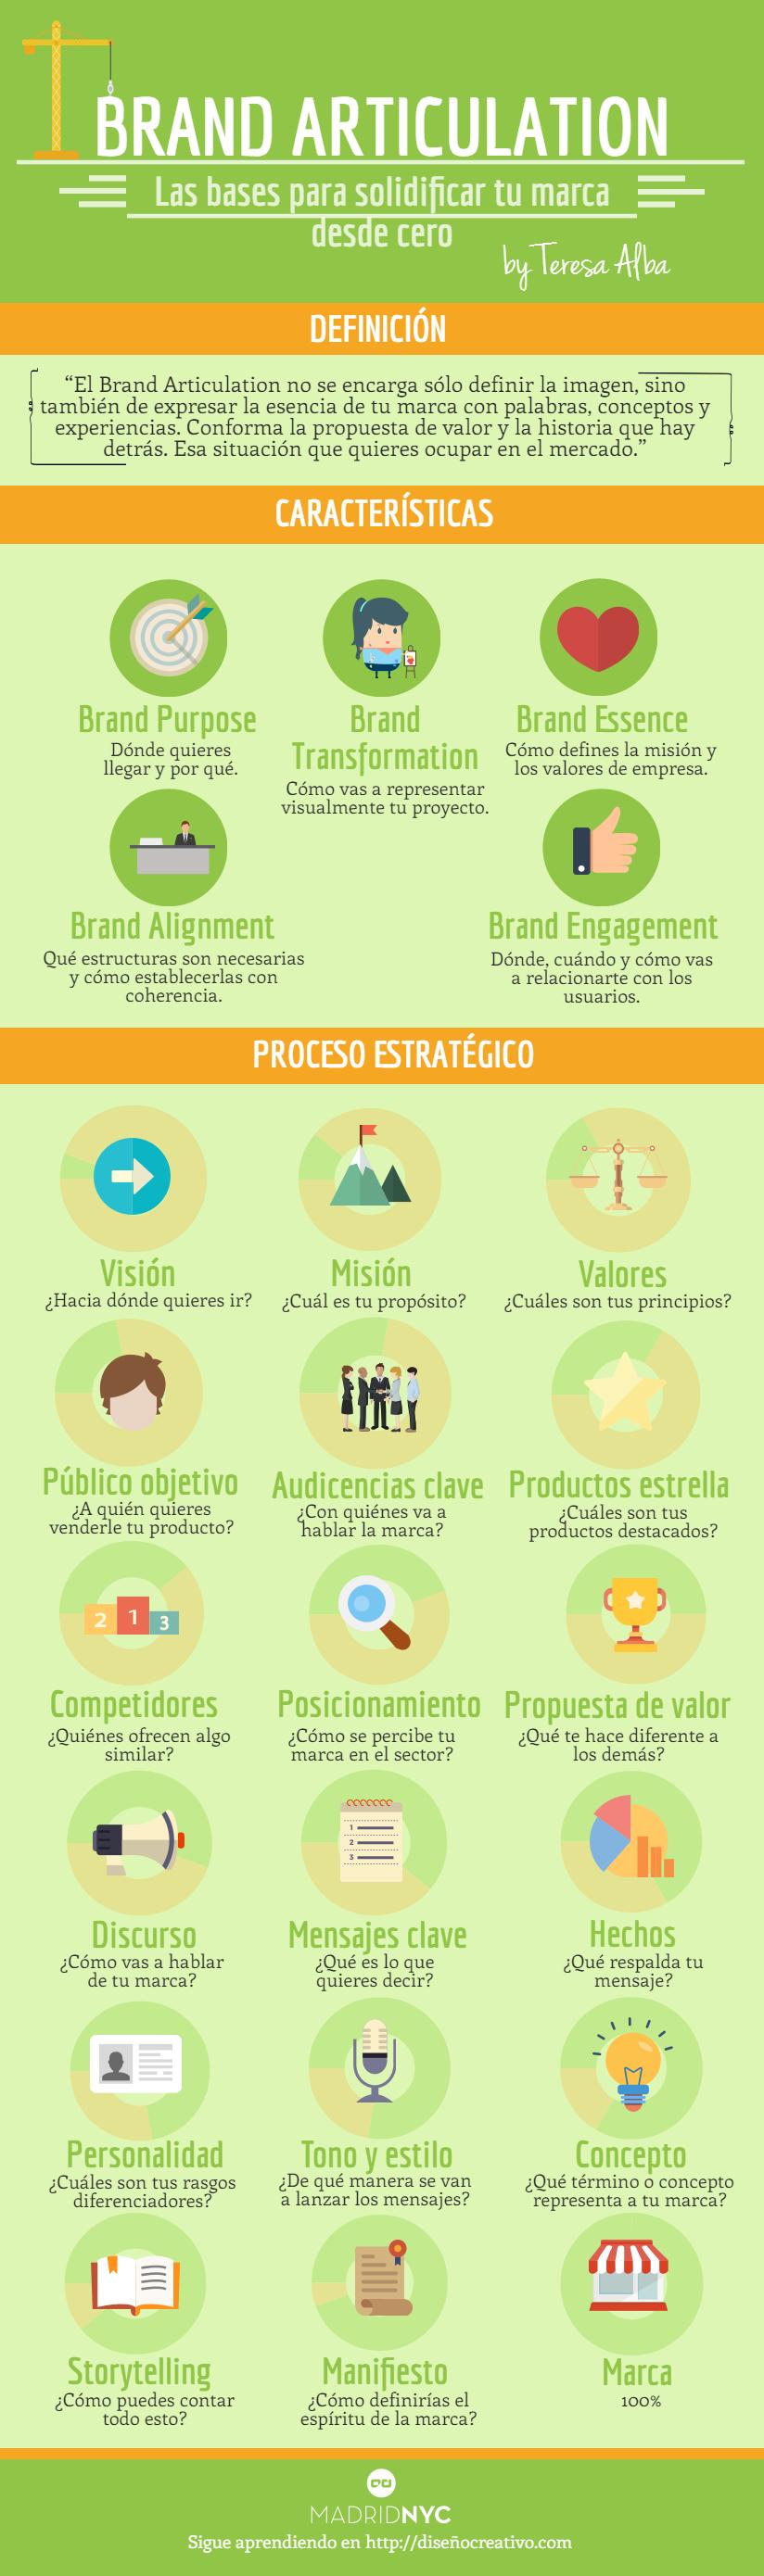 Brand Articulation: Las bases para solidificar tu marca desde cero